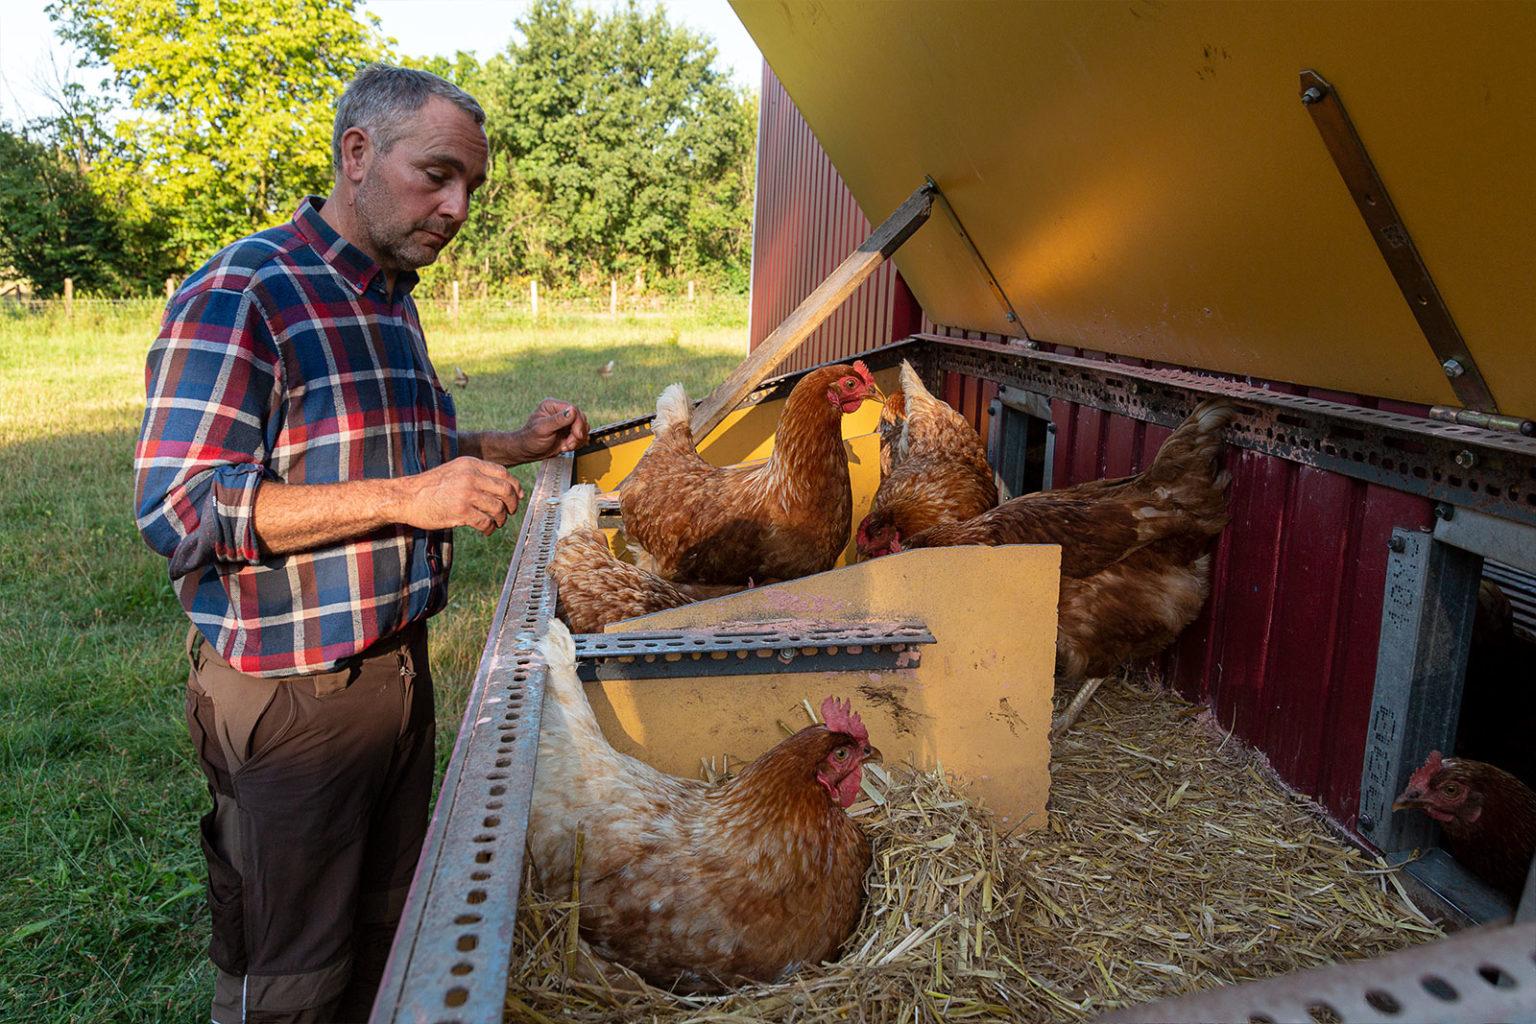 Hühner legen ihre Eier gern im Dunkeln. Nur zum Entnehmen der Eier öffnet Dirk Tensfeldt den Deckel der strohausgelegten Legenester.